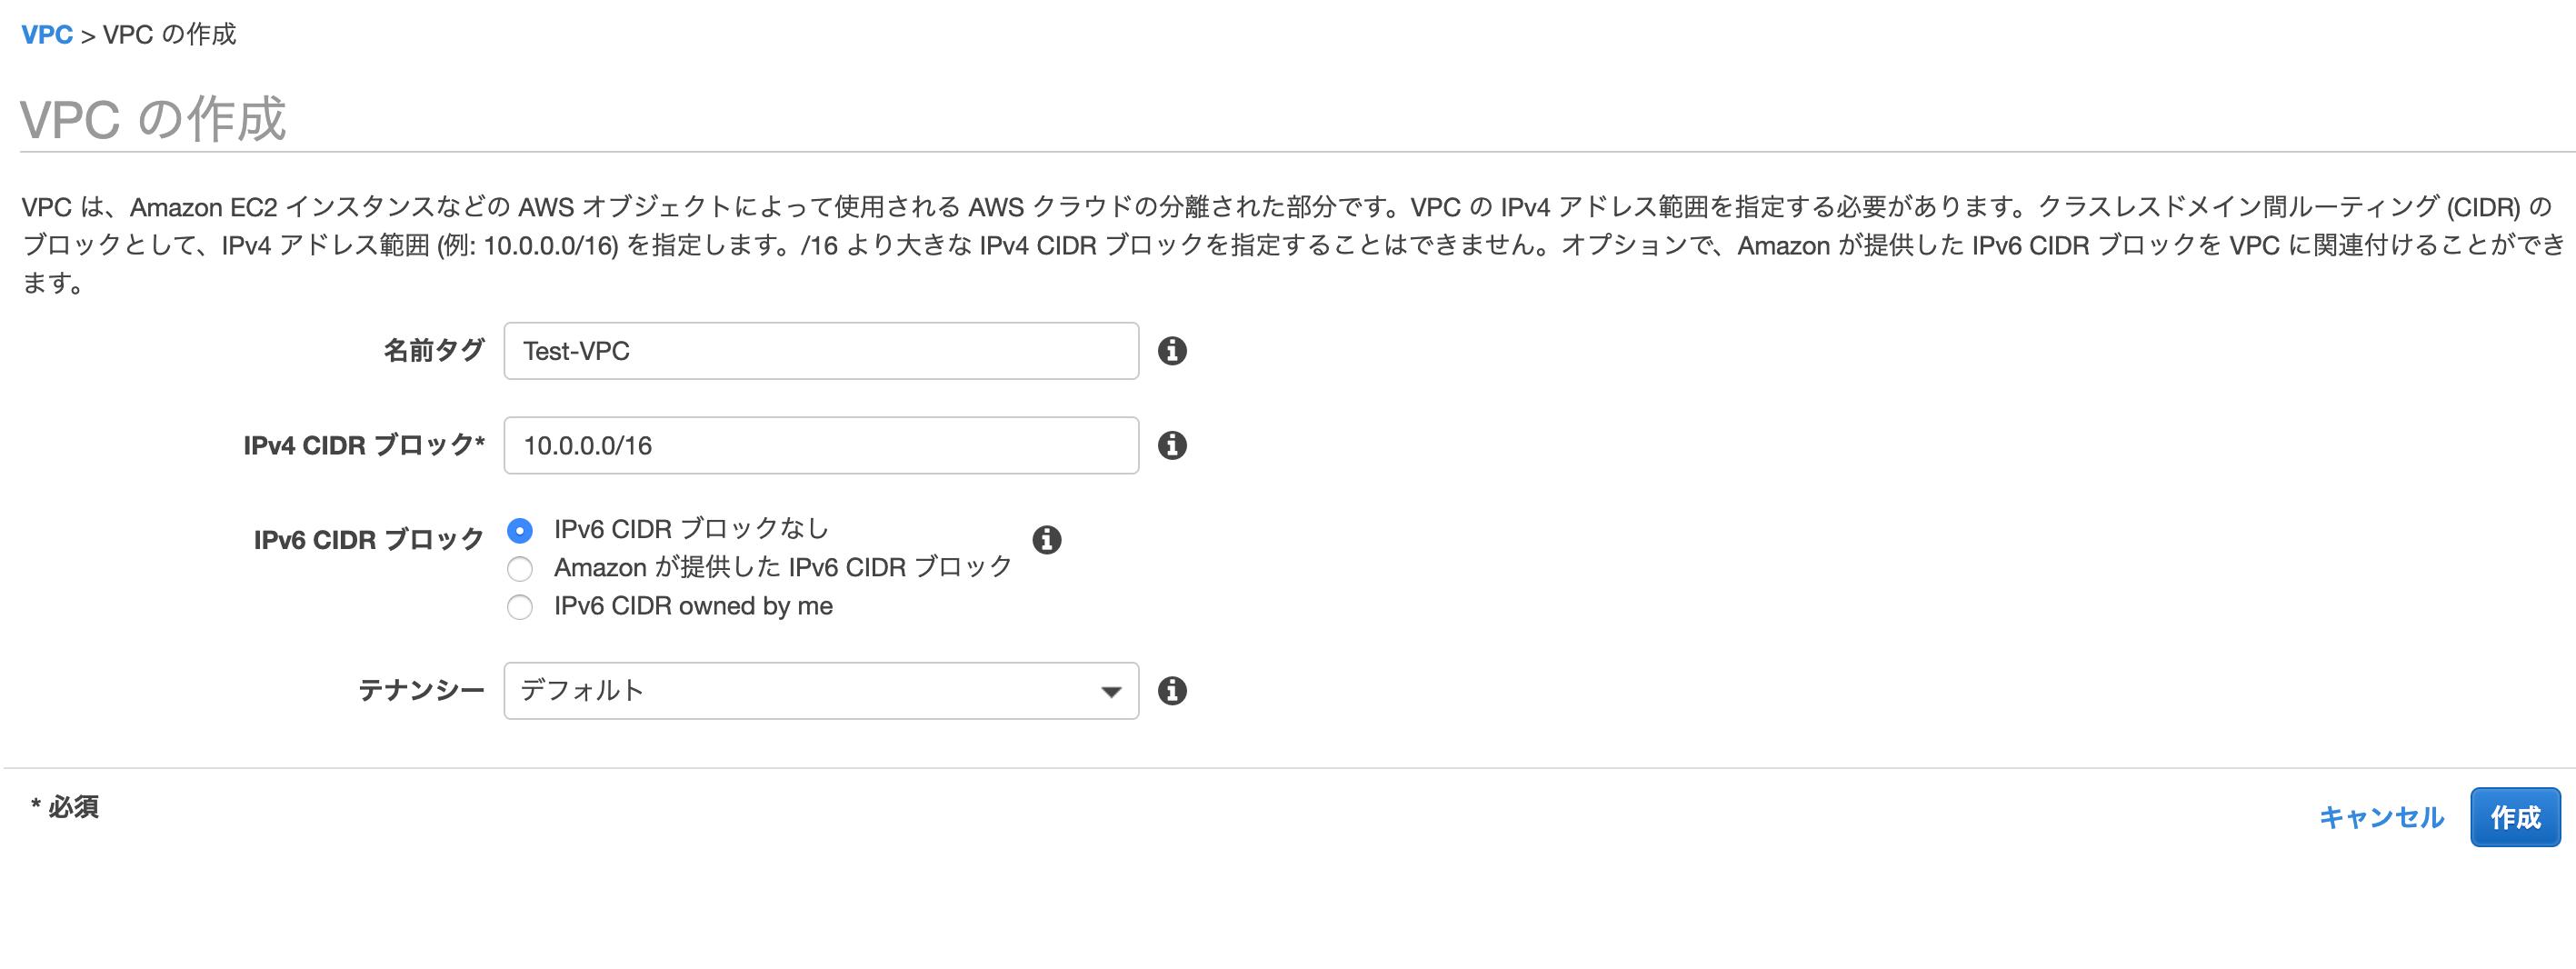 スクリーンショット 2020-03-18 12.39.40.png